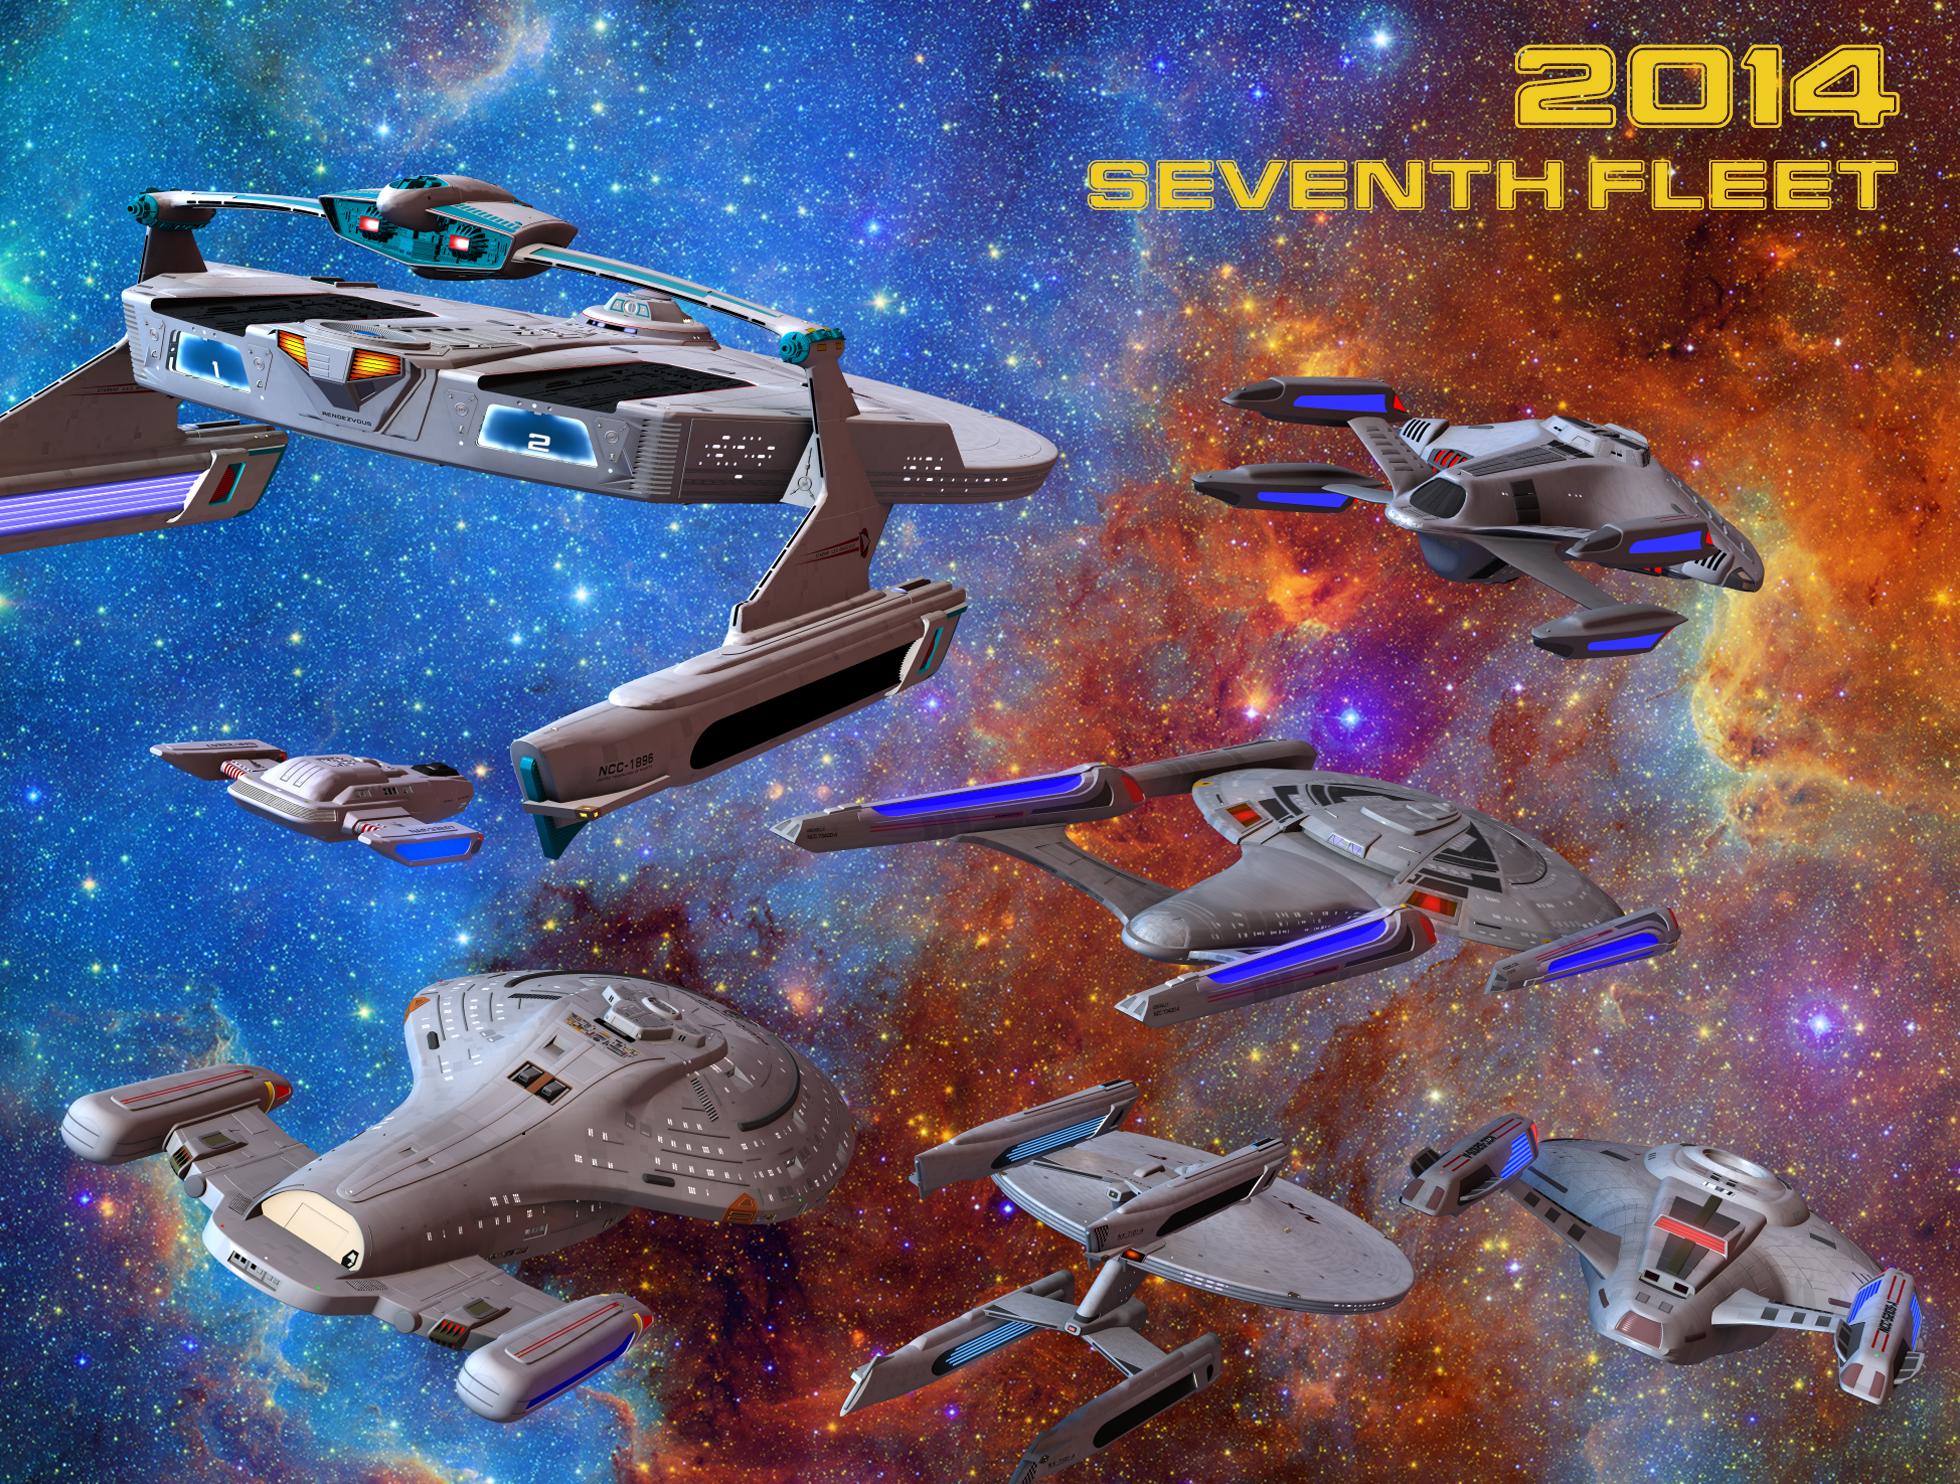 Starfleet Command's Seventh Fleet | A Free Star Trek Fan